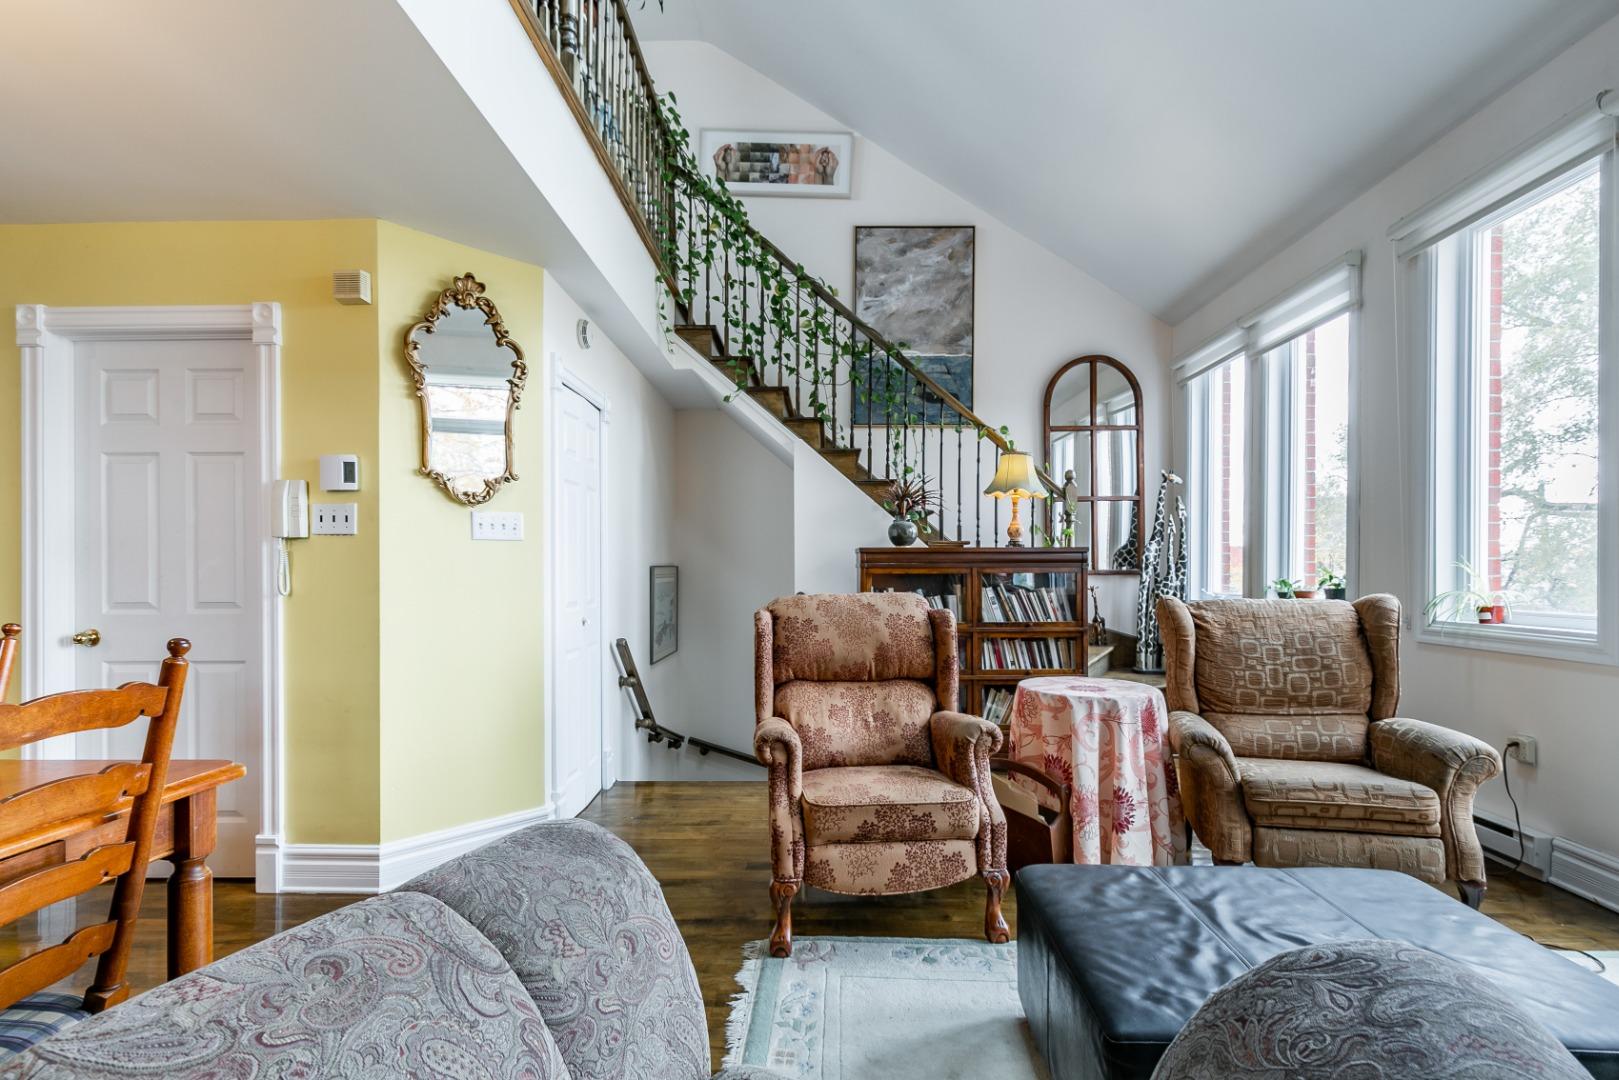 Condo à vendre Rosemont 6529 rue Cartier Montréal-7.jpg